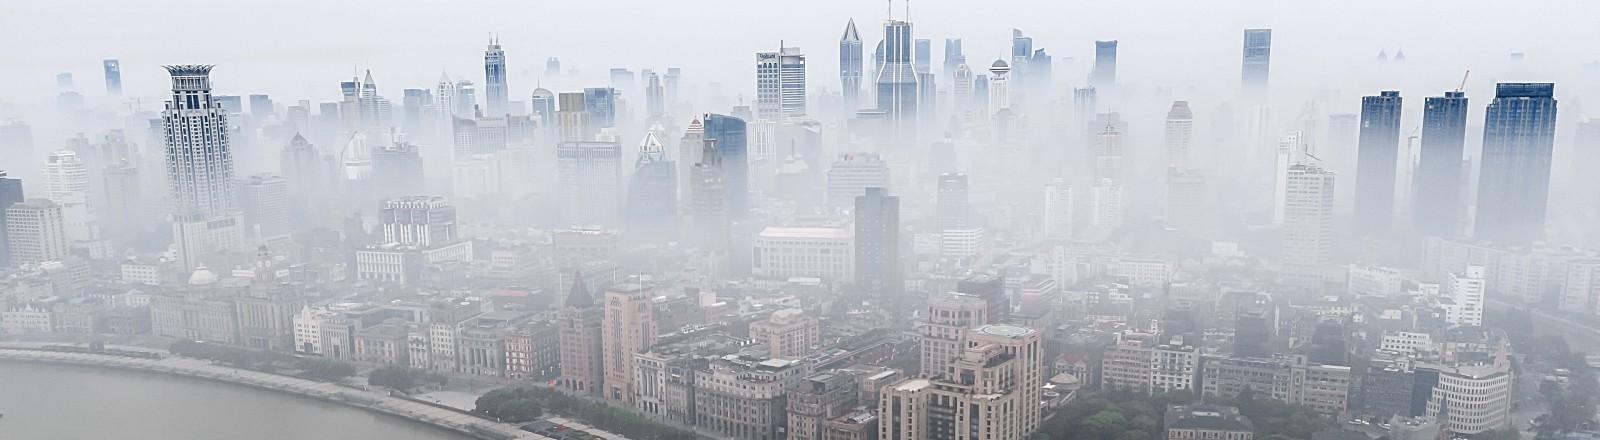 Die Skyline Shanghais im Nebel